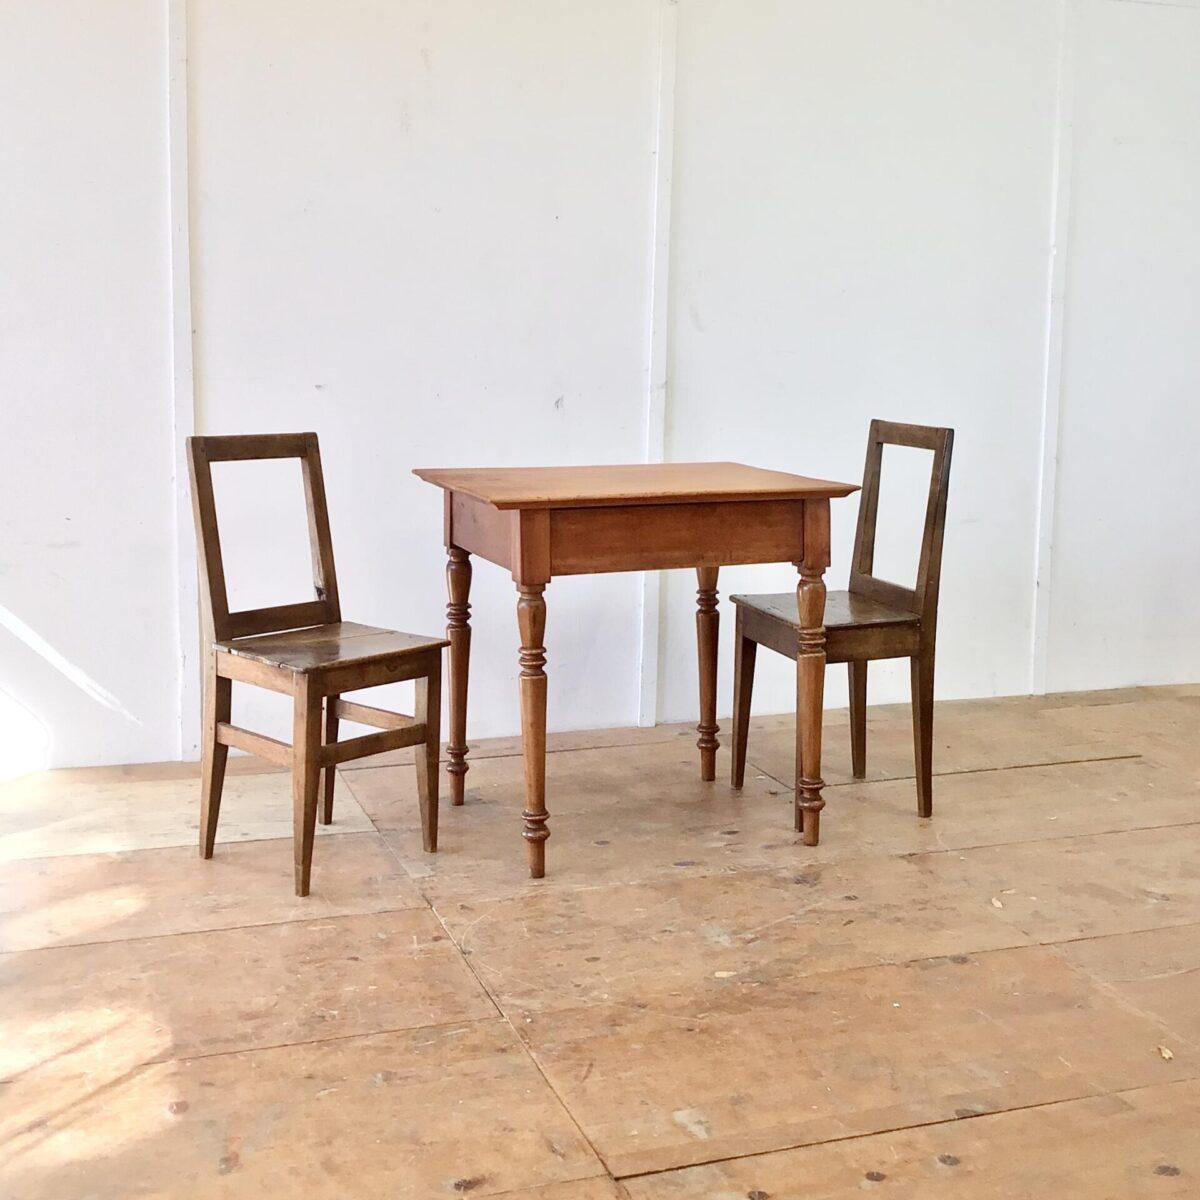 Deuxieme.shop Kleiner antiker Kirschbaum Schreibtisch mit Schublade. 80x67cm Höhe 77cm. Tischoberfläche aufbereitet, mit Naturöl behandelt. Die intensive warm-rötliche Farbe gepaart mit der Alterspatina und den Wurmlöchern, geben dem Tisch seinen Charakter. Die von unten ausgekehlten Tischkanten, lassen den Tisch etwas leichter wirken.